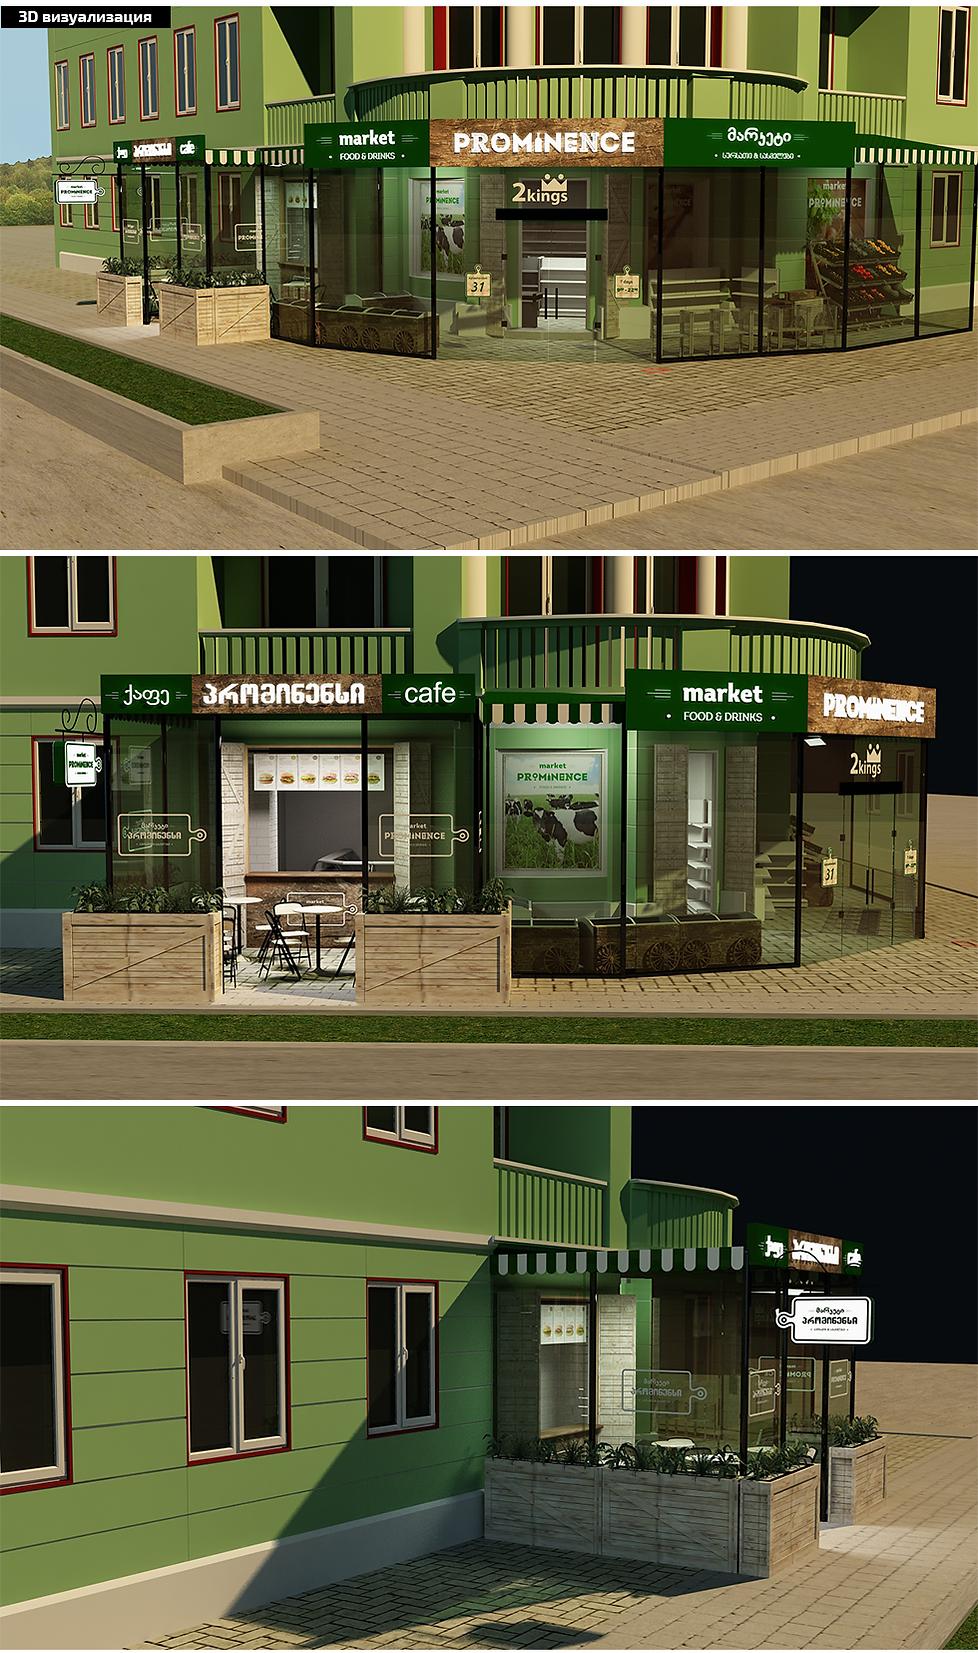 фасад магазина Prominence